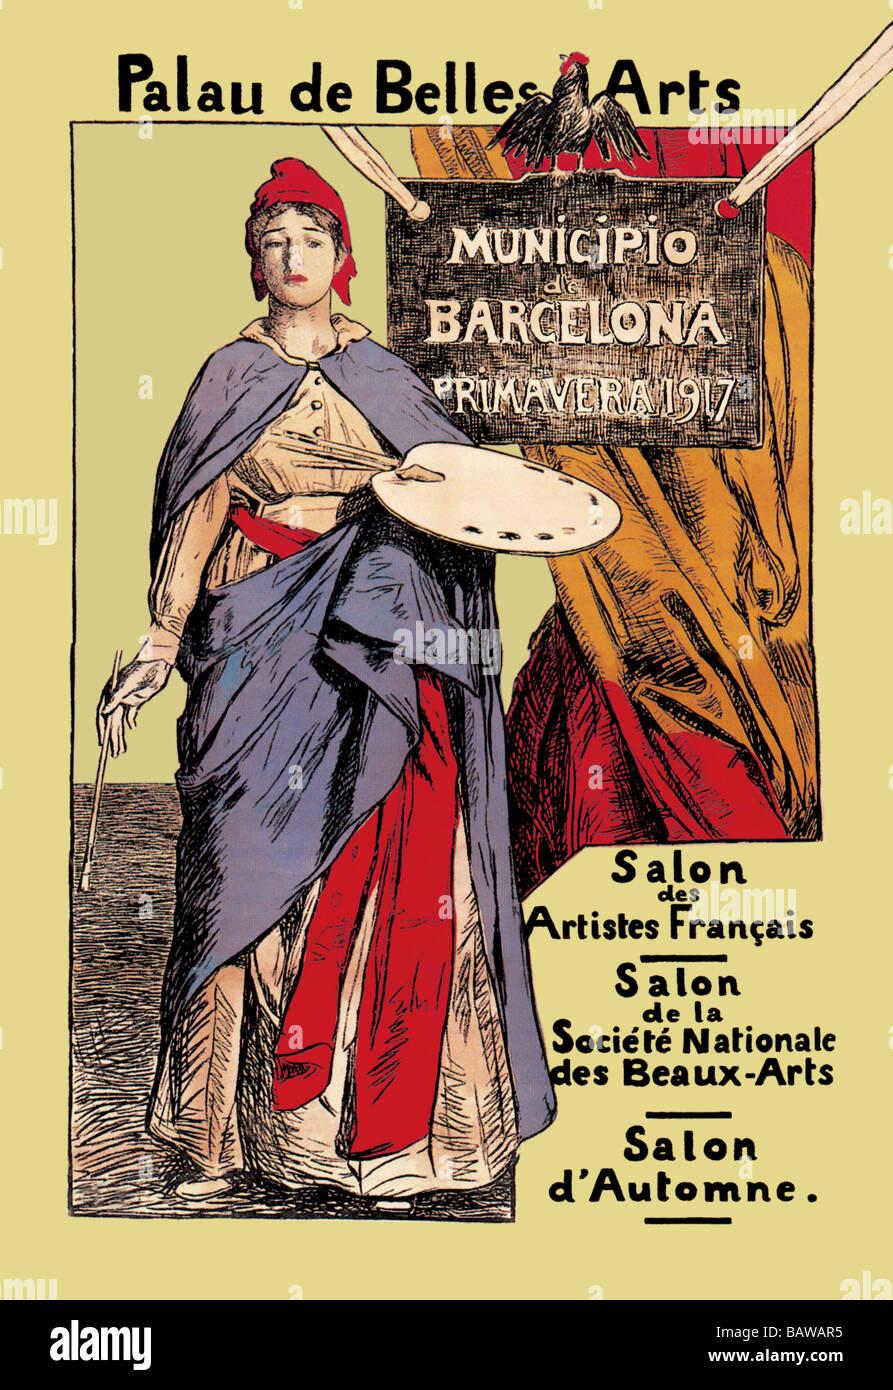 Palau de Belles Artes: Salon des Artistes Francais - Stock Image